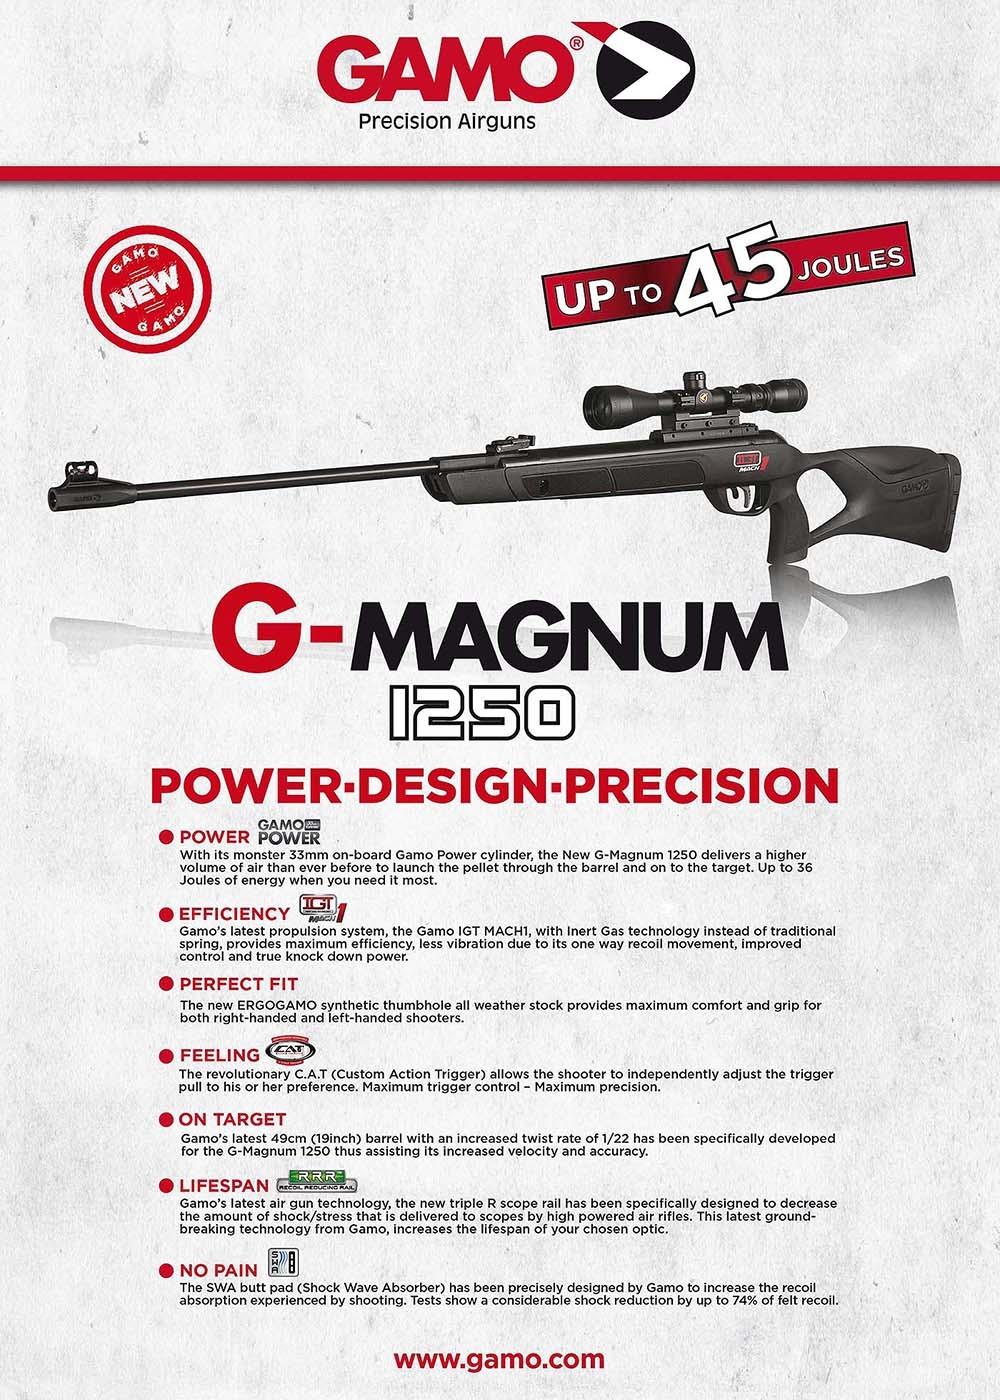 Carabina ad aria compressa GAMO G-Magnum 1250